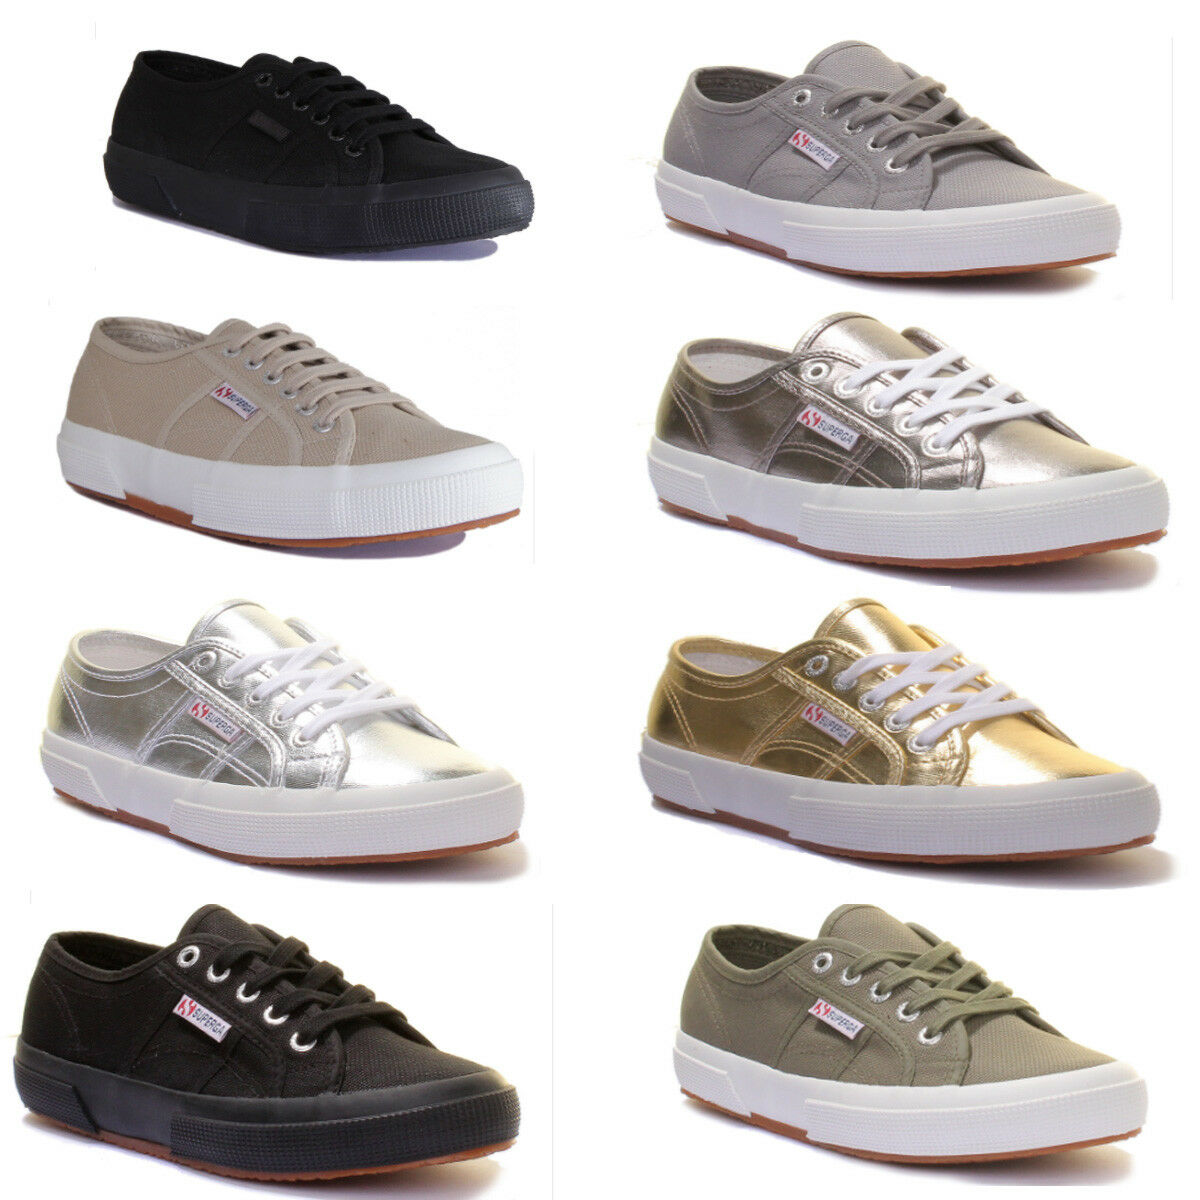 Superga 2750 Cotu Classic Schuhe Damen / Herren Low Sneaker Sport Freizeit